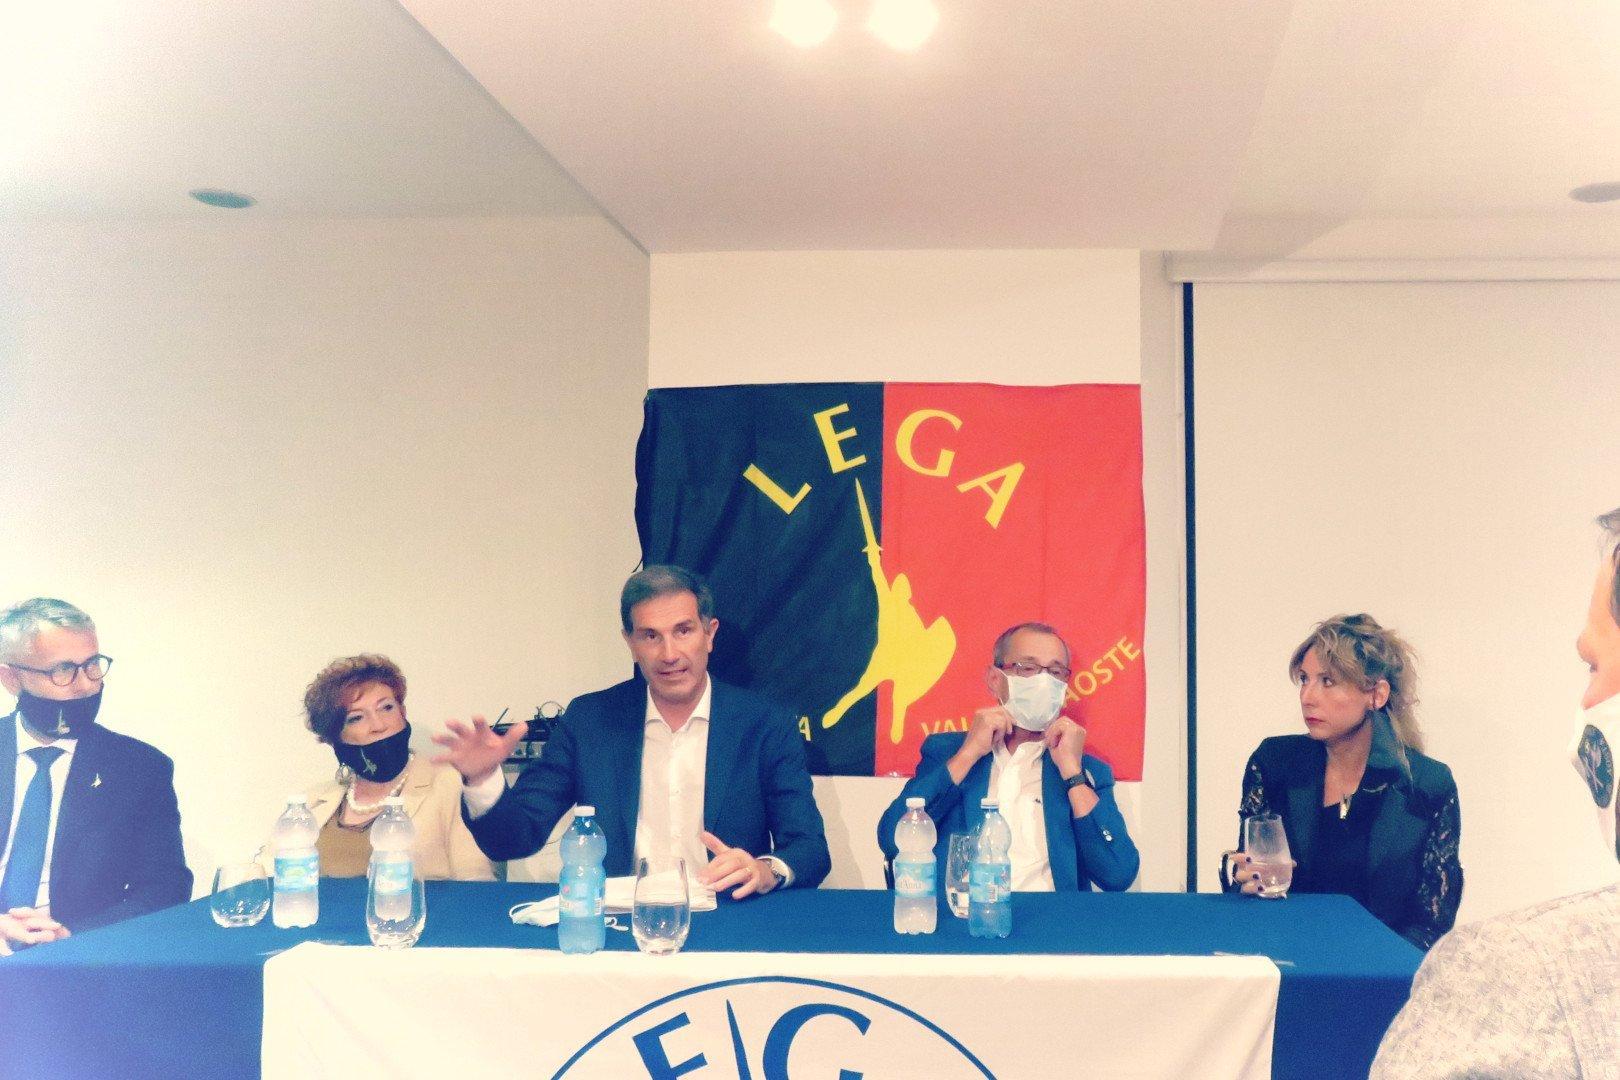 Sergio Togni e Bruno Giordano candidati sindaco e vice per la Lega Vallée d'Aoste: «nessuno ci ha detto cosa scrivere sul programma»